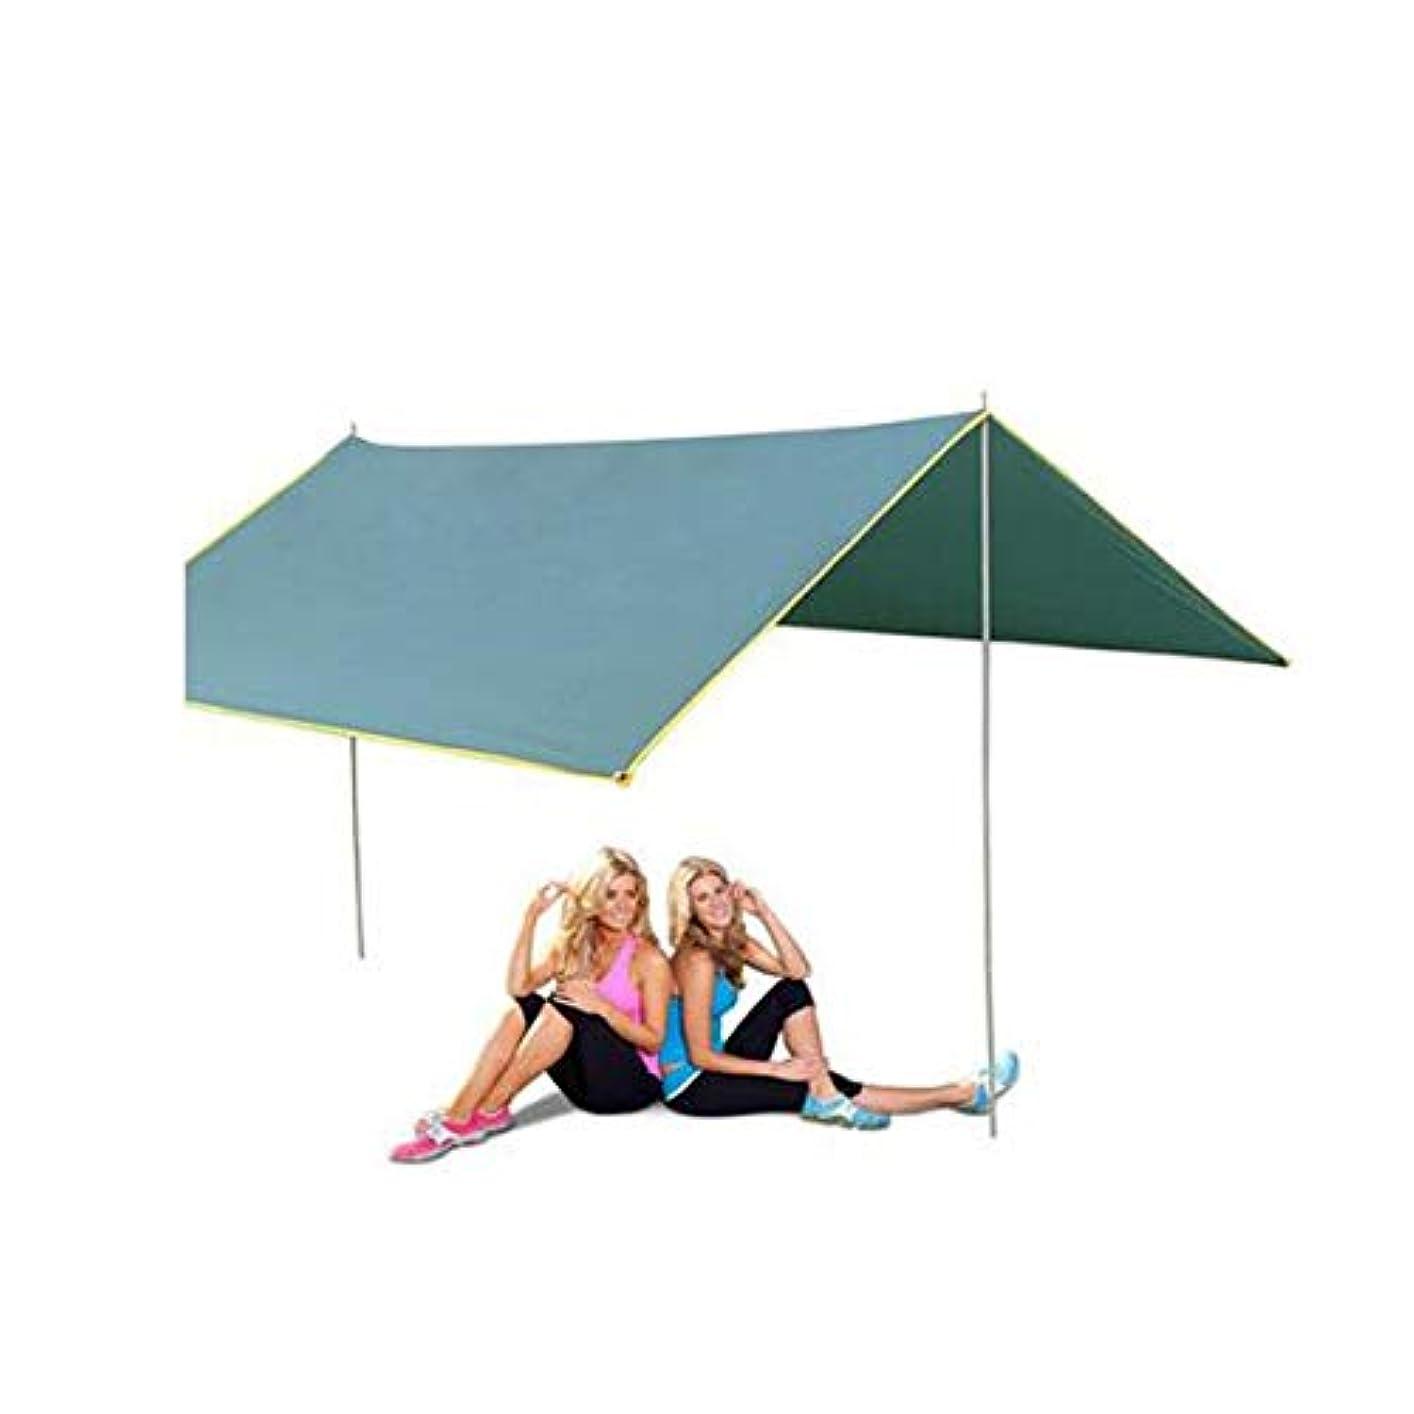 固有の対象レパートリーテント、特大サイズ、超軽量のポータブル日焼け止めレインシェードキャノピー、屋外キャンプに最適キャンプパークバケーション、ダークグリーン